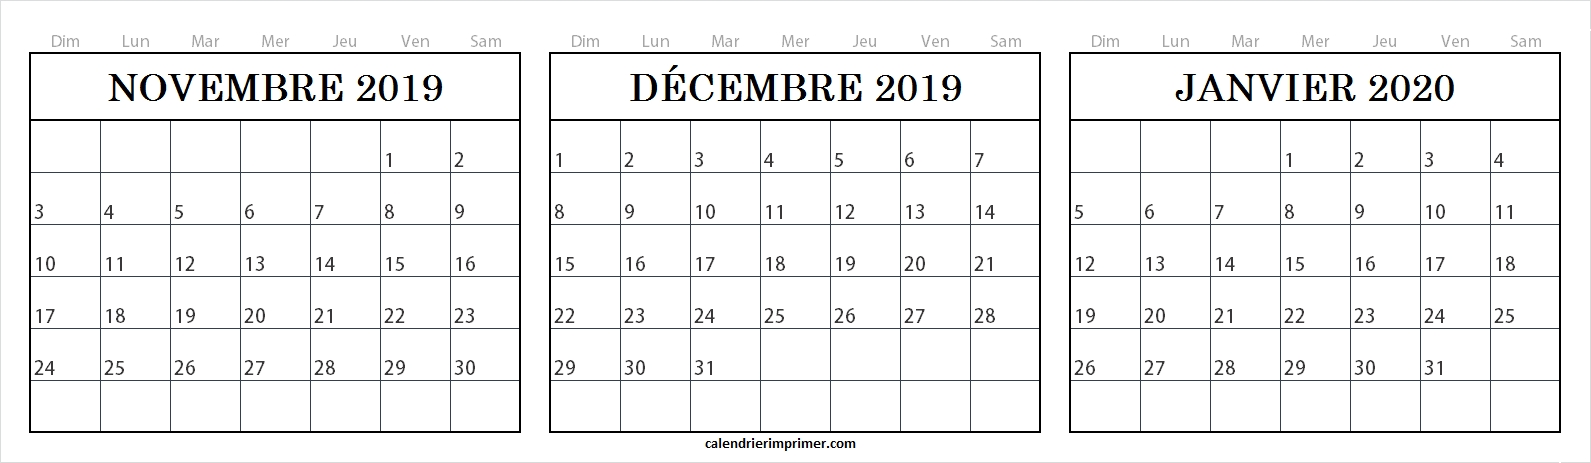 Imprimer Trois Mois Calendrier Novembre Dcembre 2019 Janvier 2020